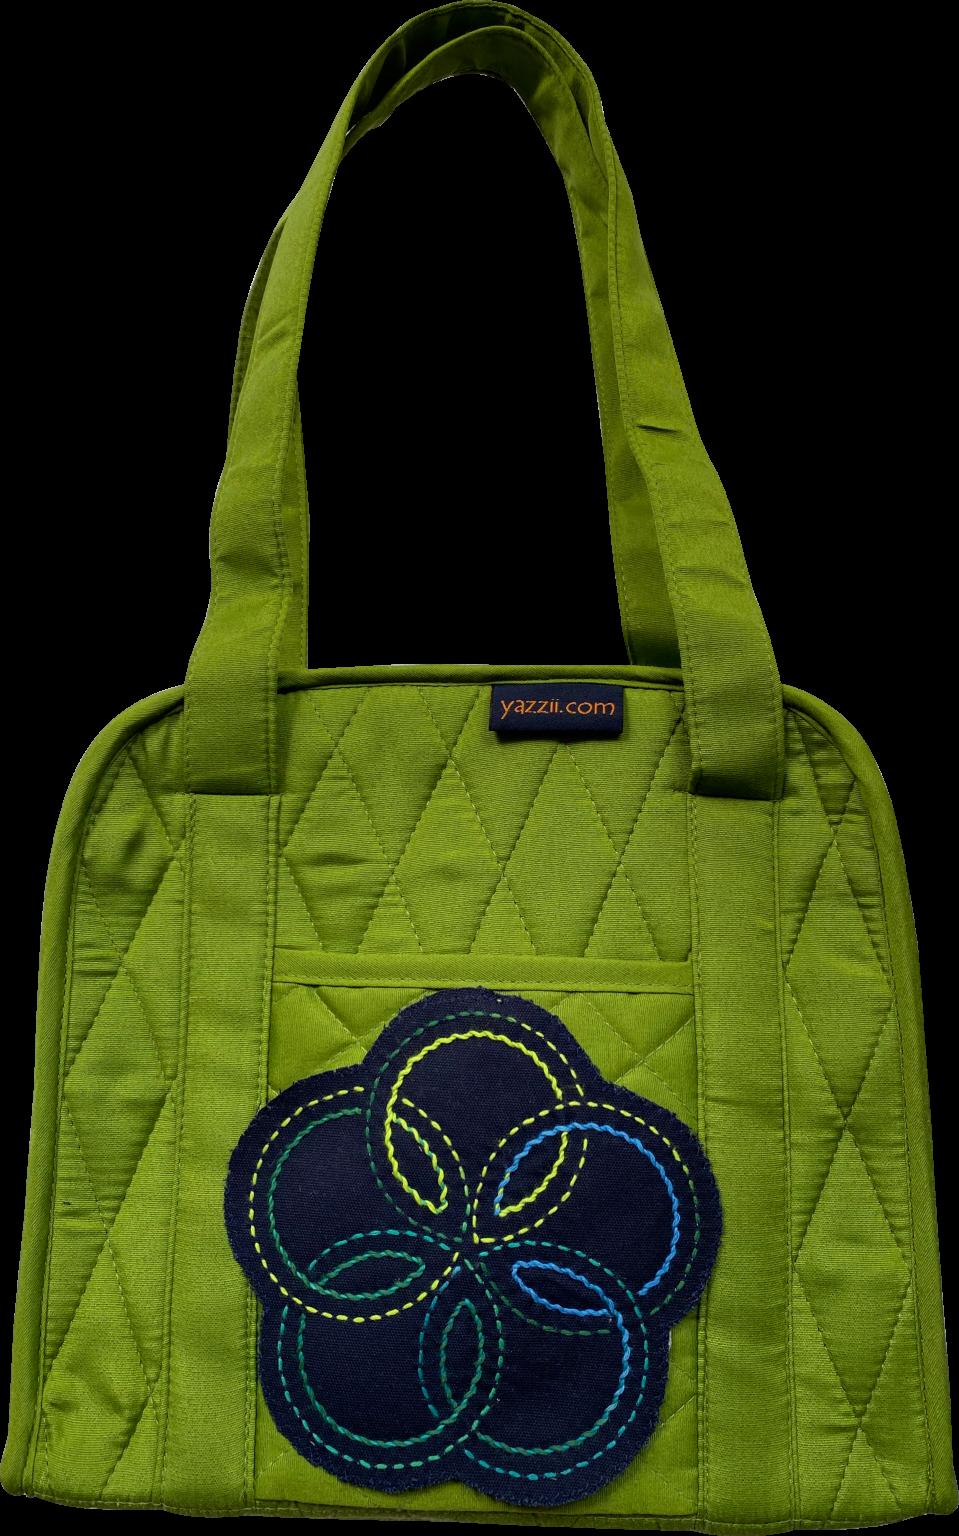 green oval craft organiser bag with sashiko